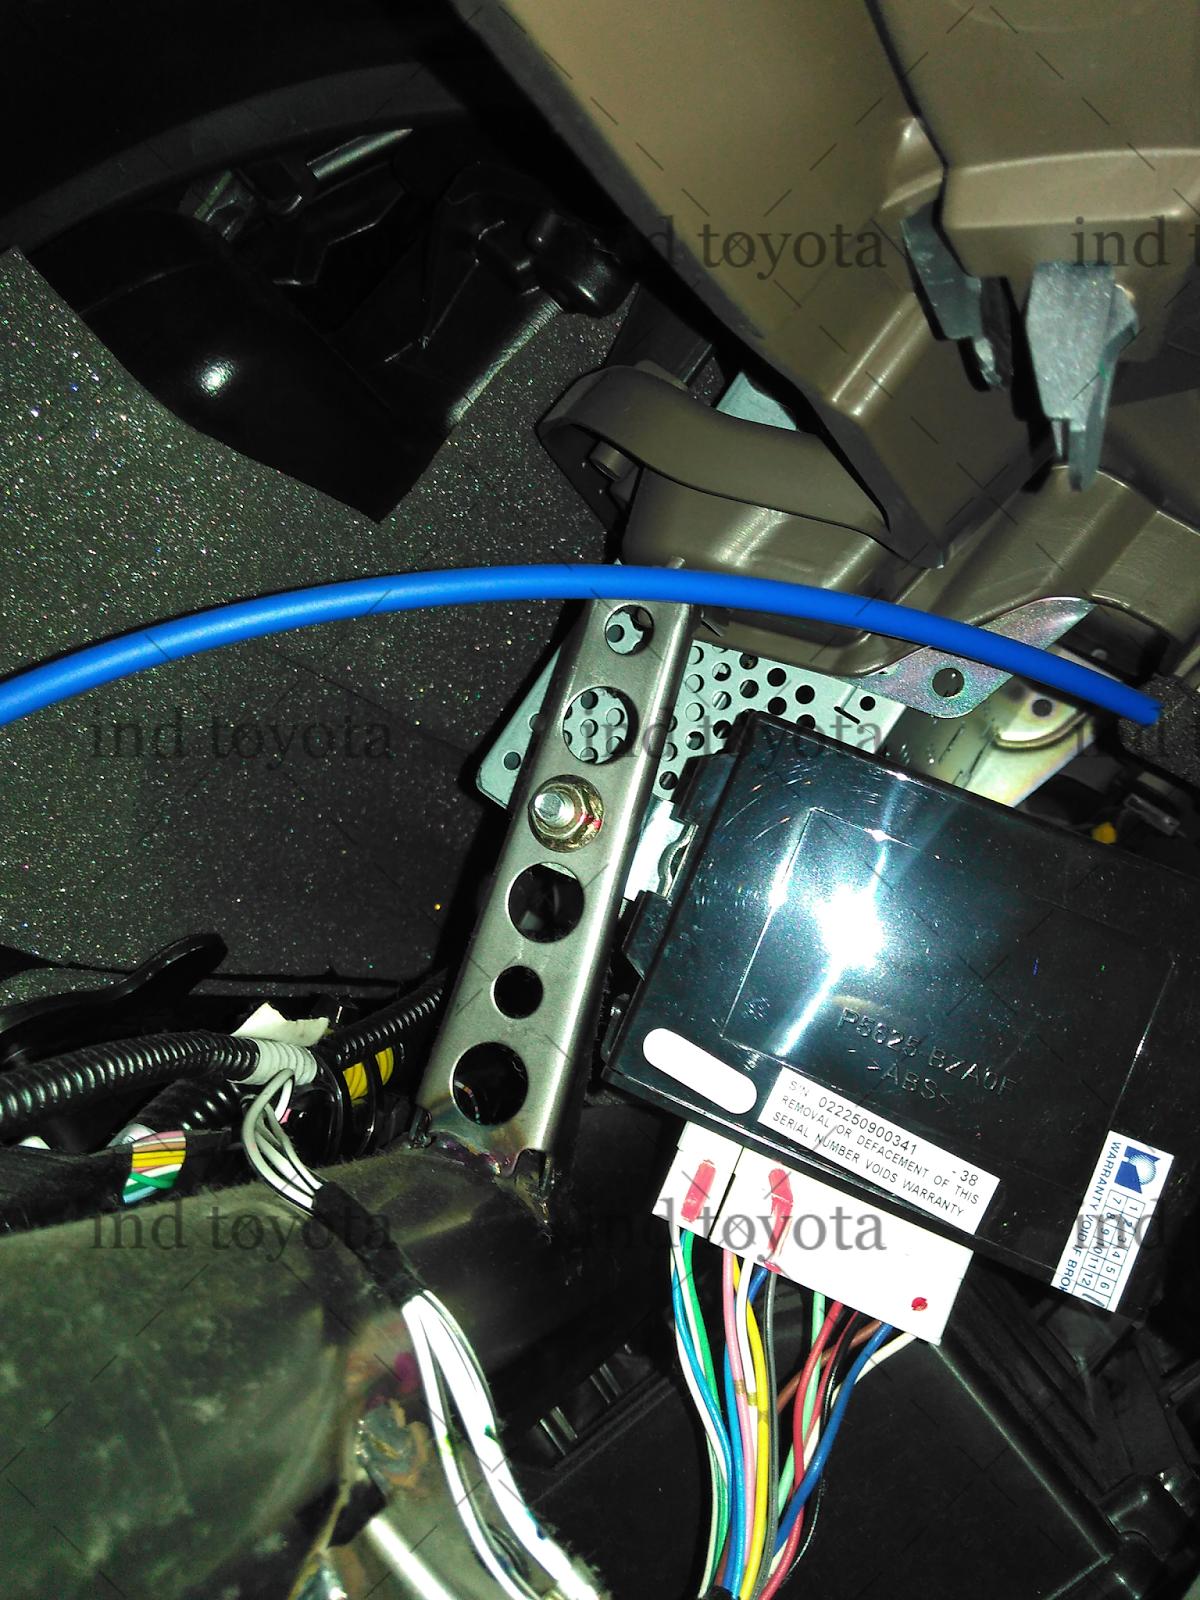 Cara Mematikan Alarm Grand New Avanza Mesin Ngelitik Menyetel Sensitifitas Kendaraan Mobil Toyota Dari Ada Putaran Di Dekat Socketnya Jika Lihat Posisi Anda Pasti Sulit Untuk Itu Buka Mur Ukuran 10 Disampingnya